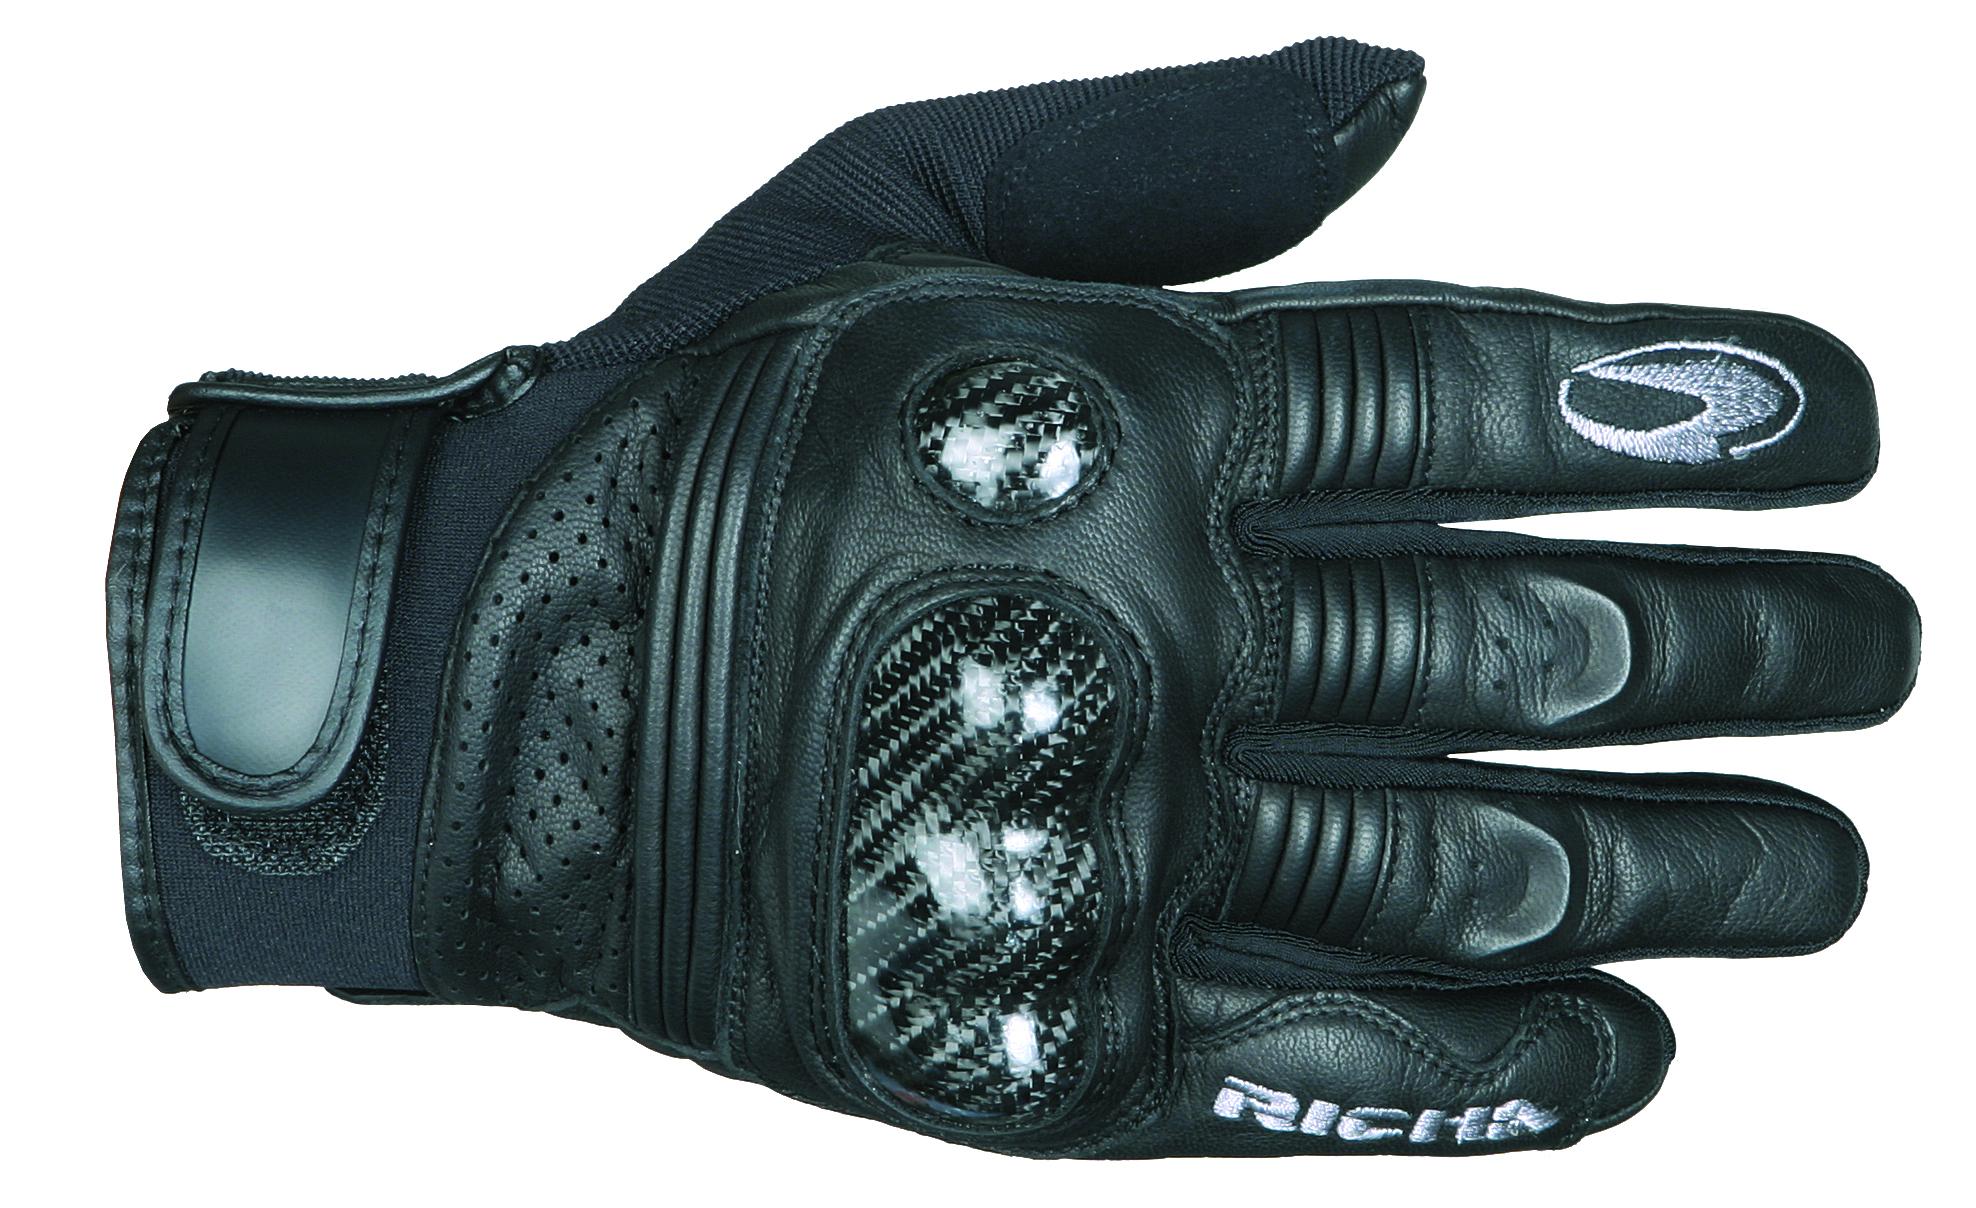 ΚΑΛΟΚΑΙΡΙΝΑ ΓΑΝΤΙΑ RICHA PROTECT SUMMER - Moto Direct cc96db9b768